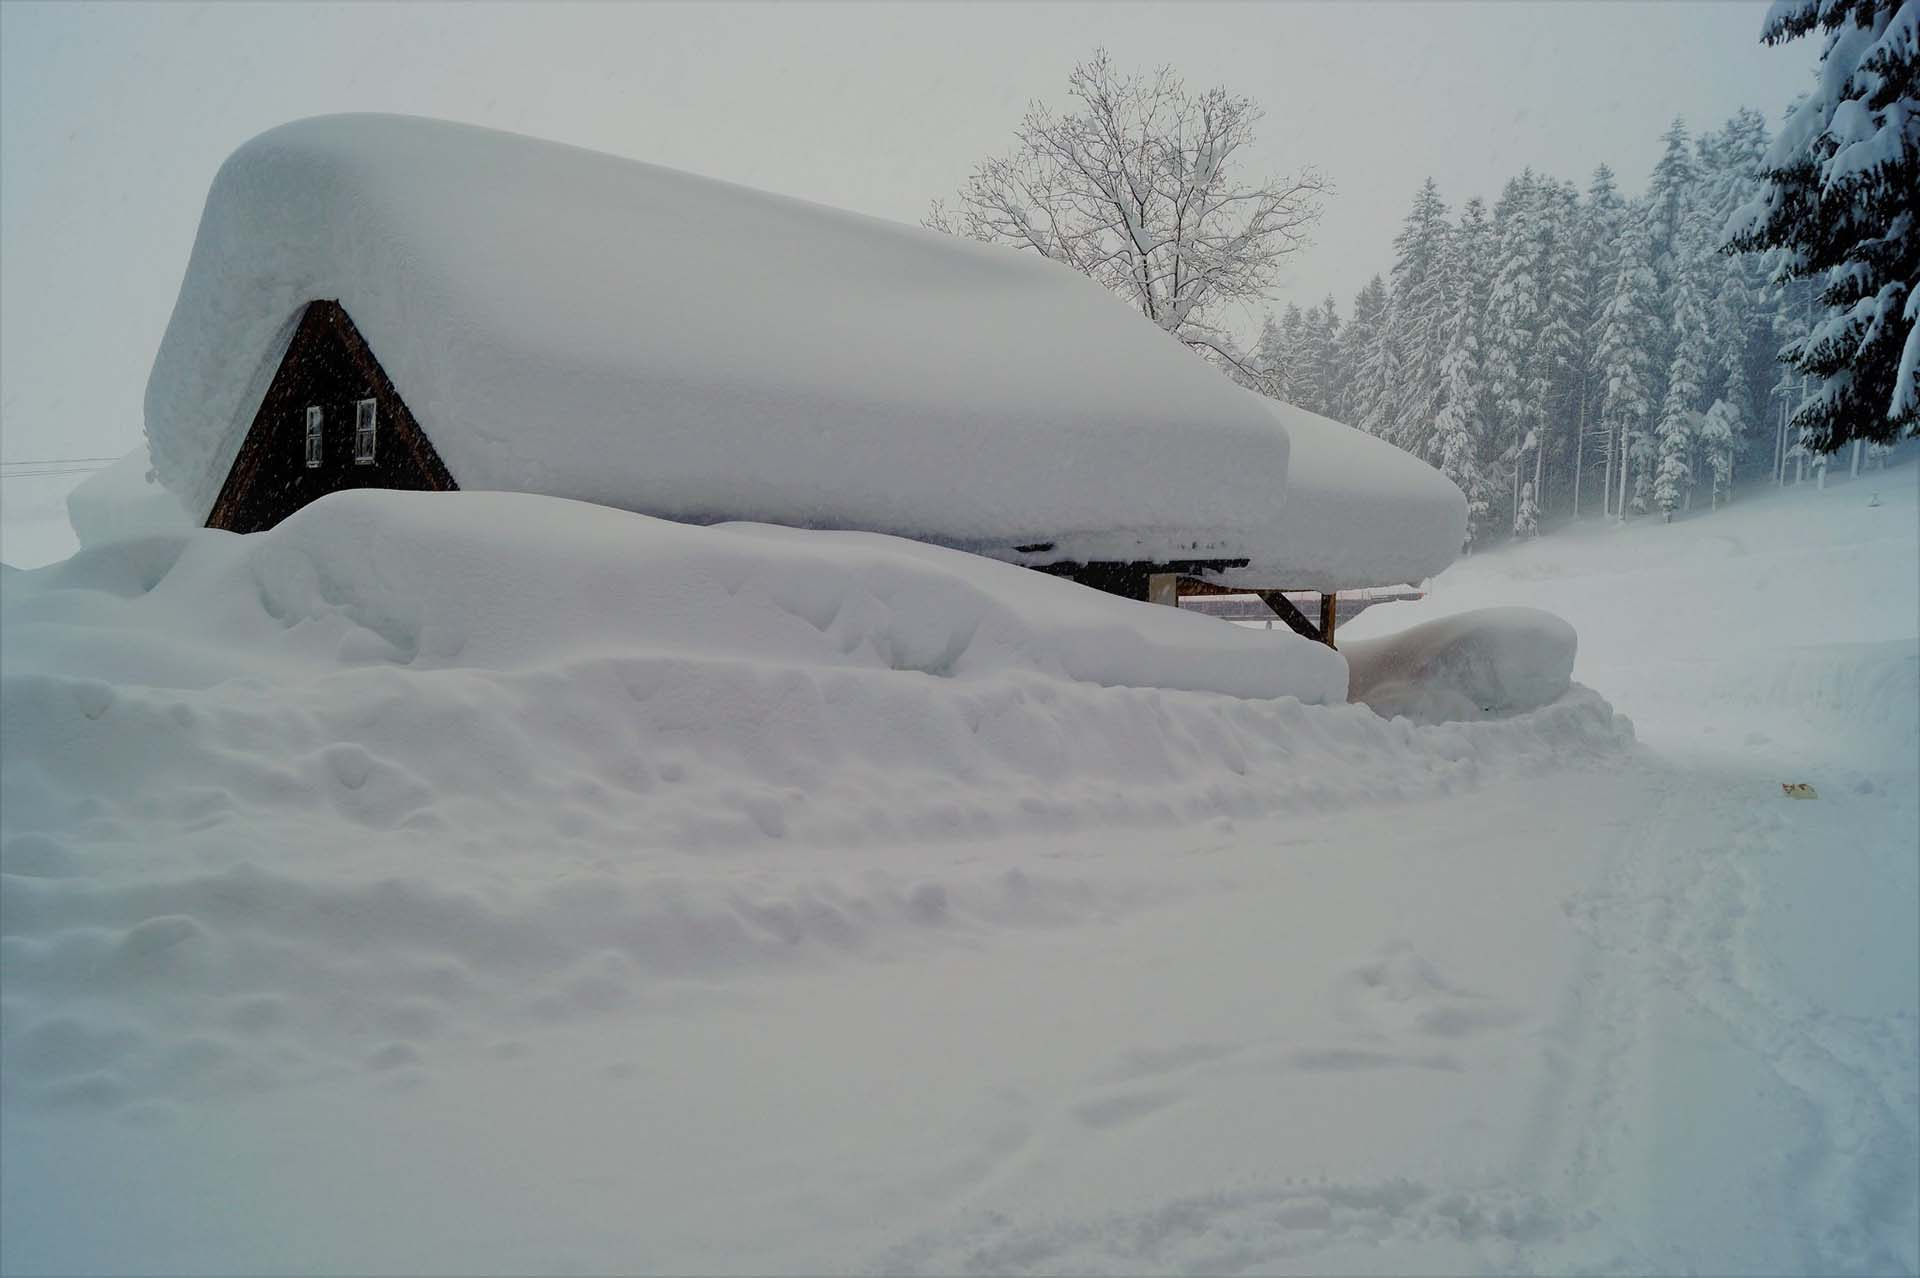 Una vivienda cubierta de nieve en Abtenau, Austria A general (COURTESY MONIKA LUENER/via REUTERS)